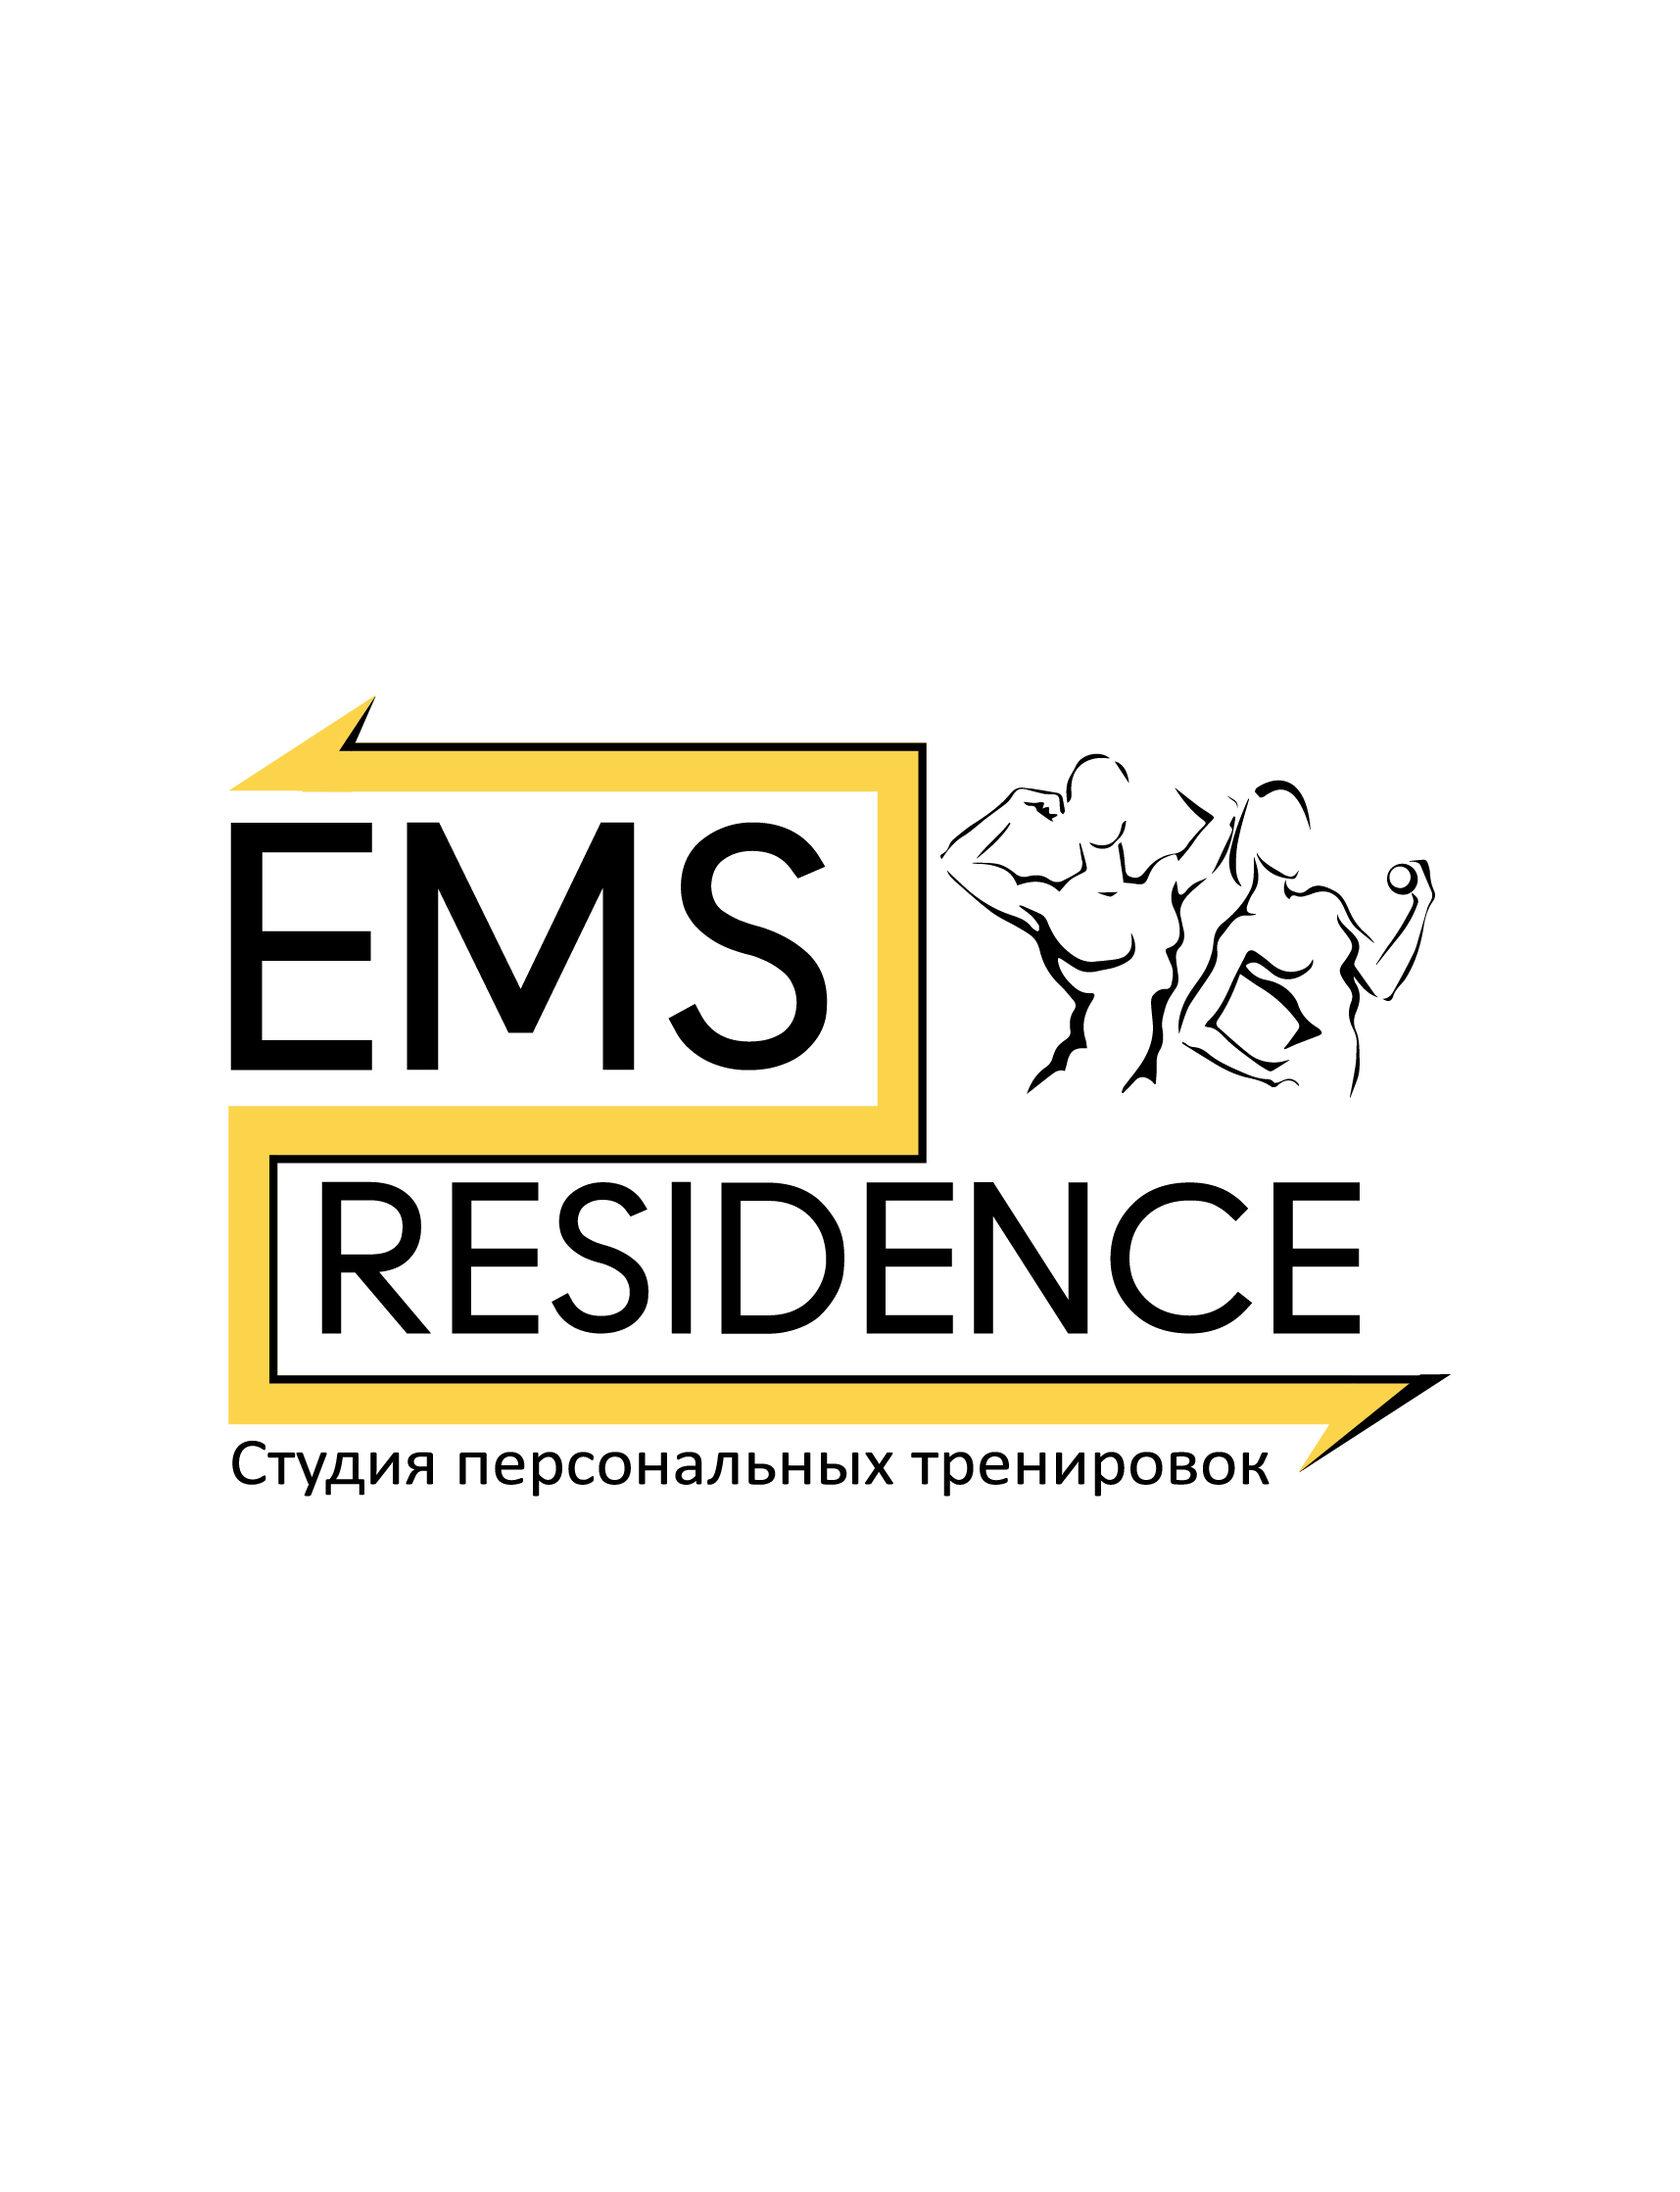 EMS RESIDENCE